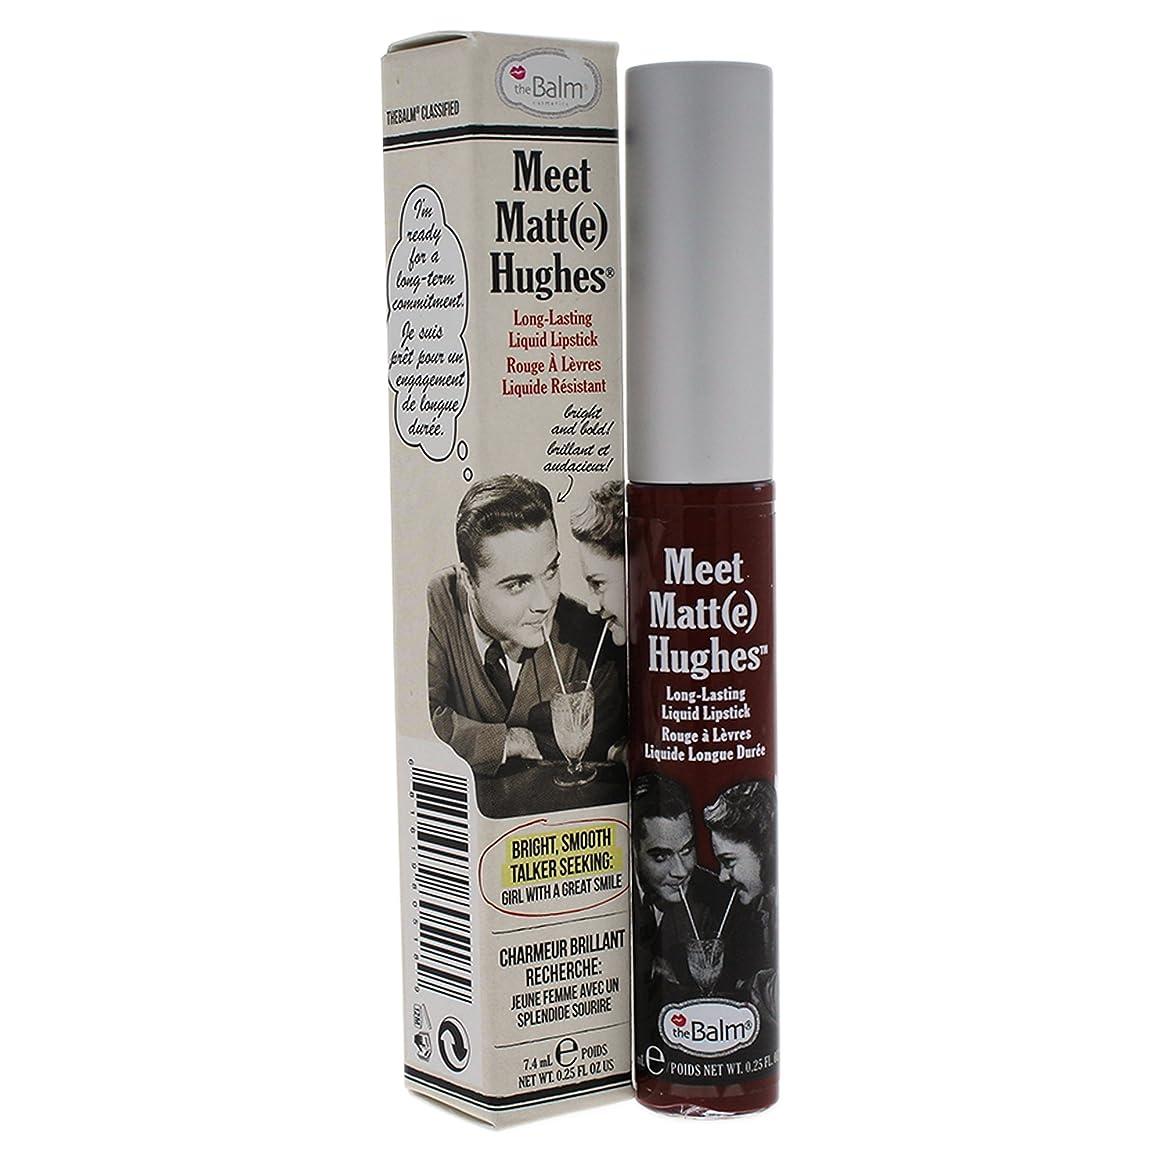 宣伝スクレーパーボックスザバーム Meet Matte Hughes Long Lasting Liquid Lipstick - Adoring 7.4ml/0.25oz並行輸入品